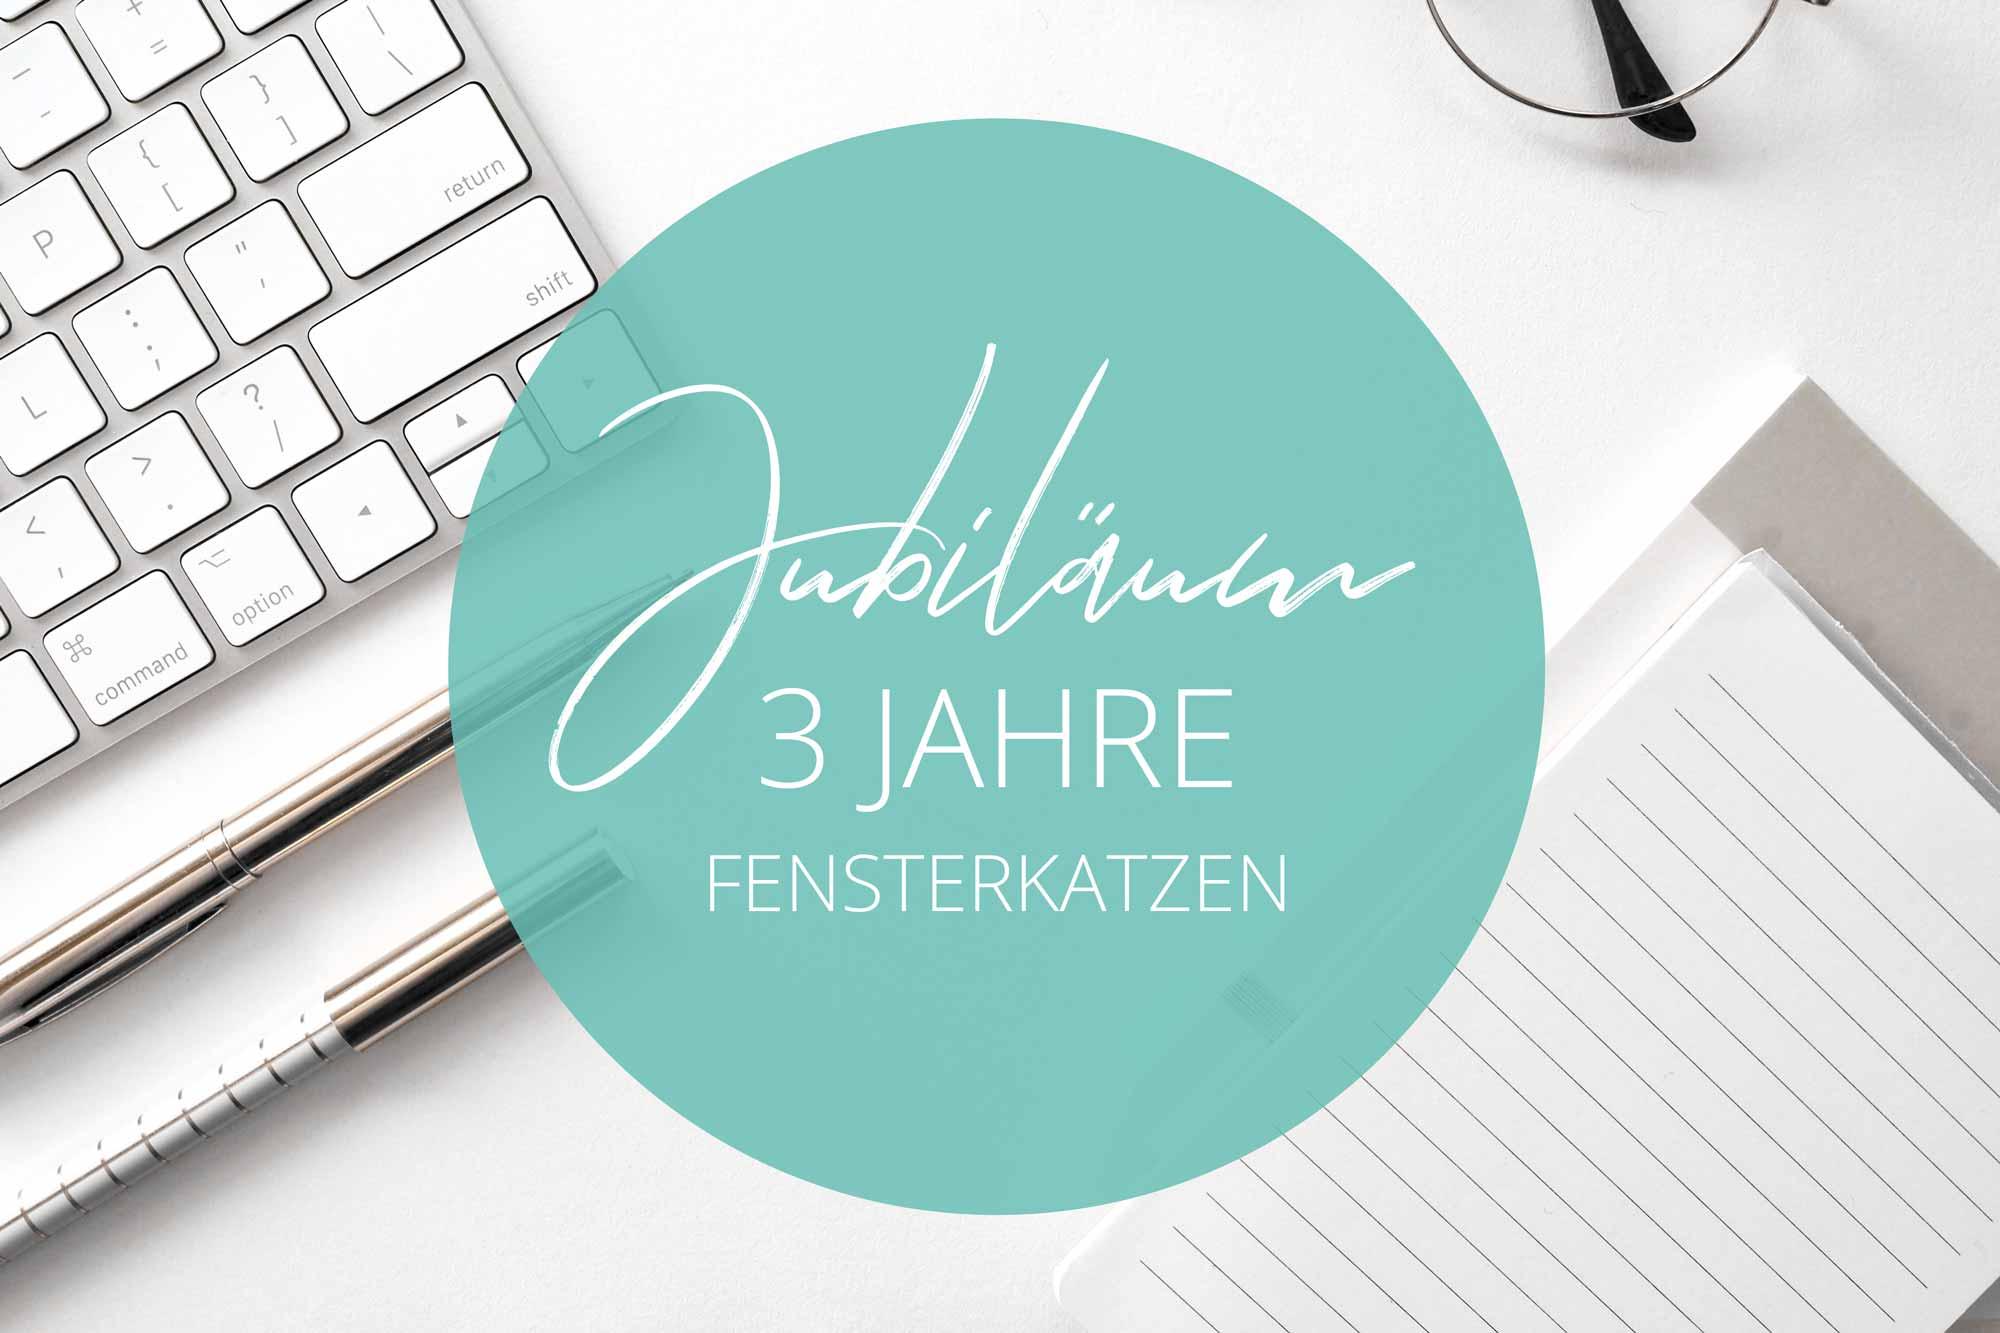 Fensterkatzen-News-Bloggeburtstag-3-Jahre-Jubilaeum-Titelbild